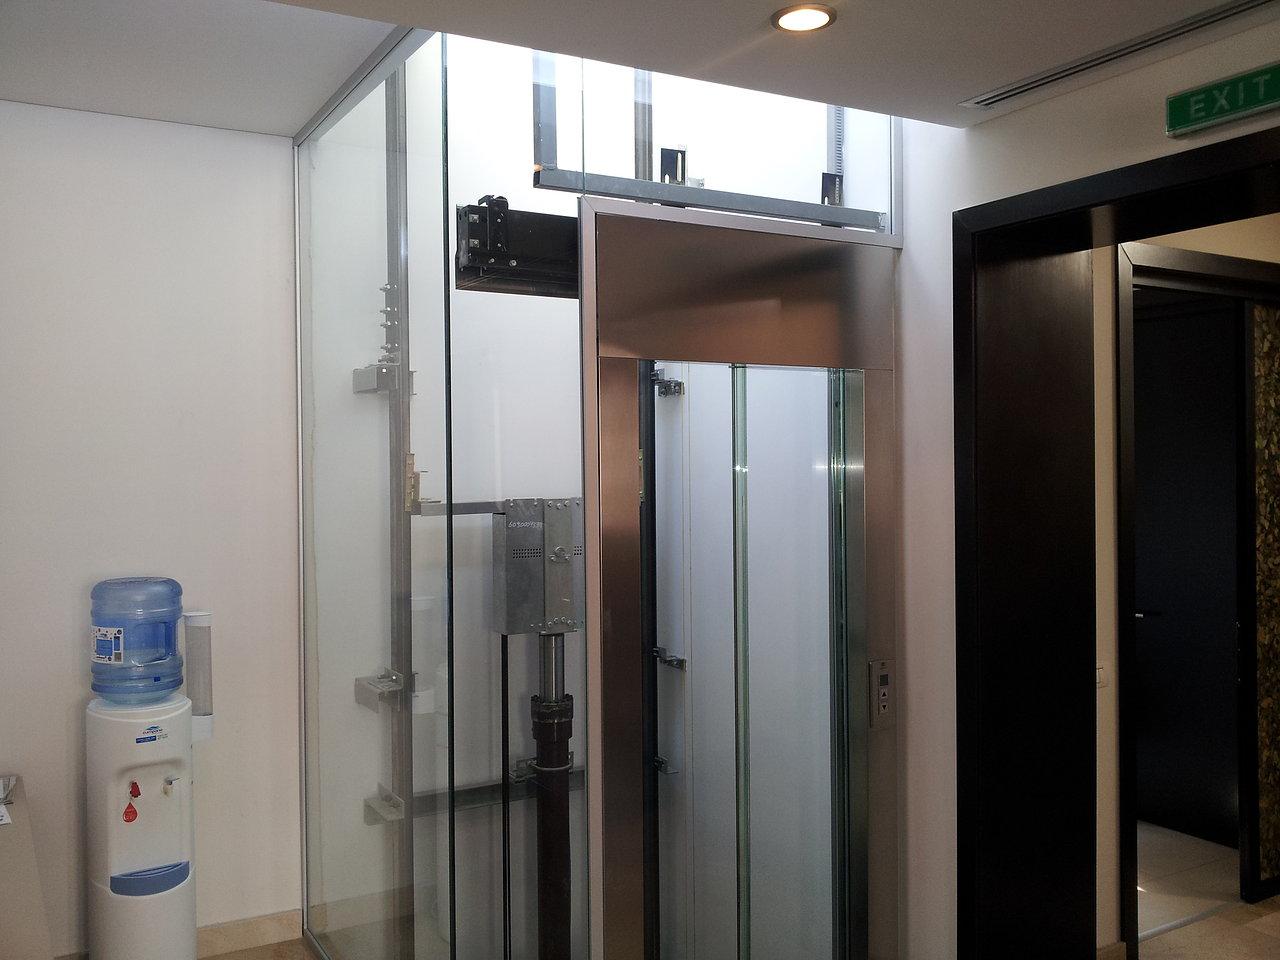 Inchidere lift cu geam duplex